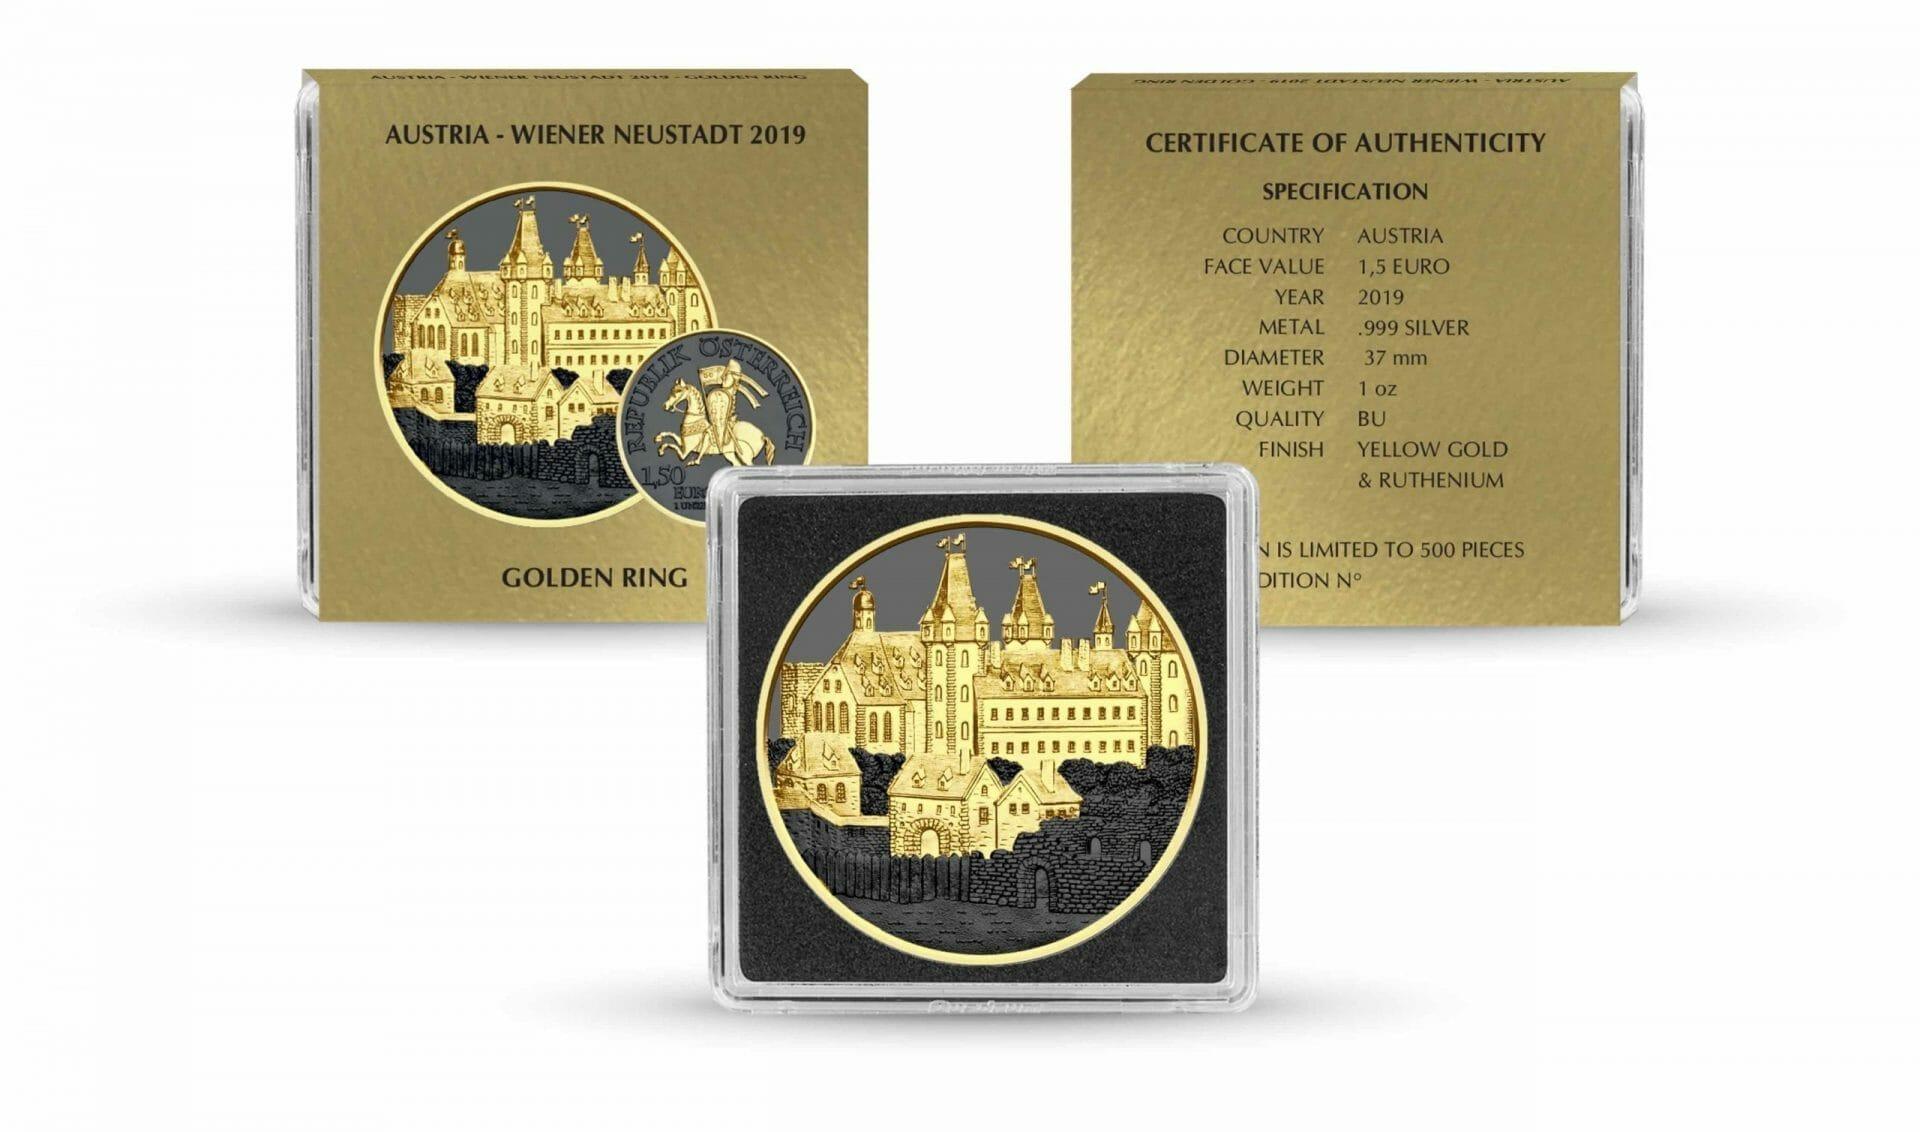 2019 Austrian Wiener Neustadt 1oz Silver Coin - Golden Ring Edition 3